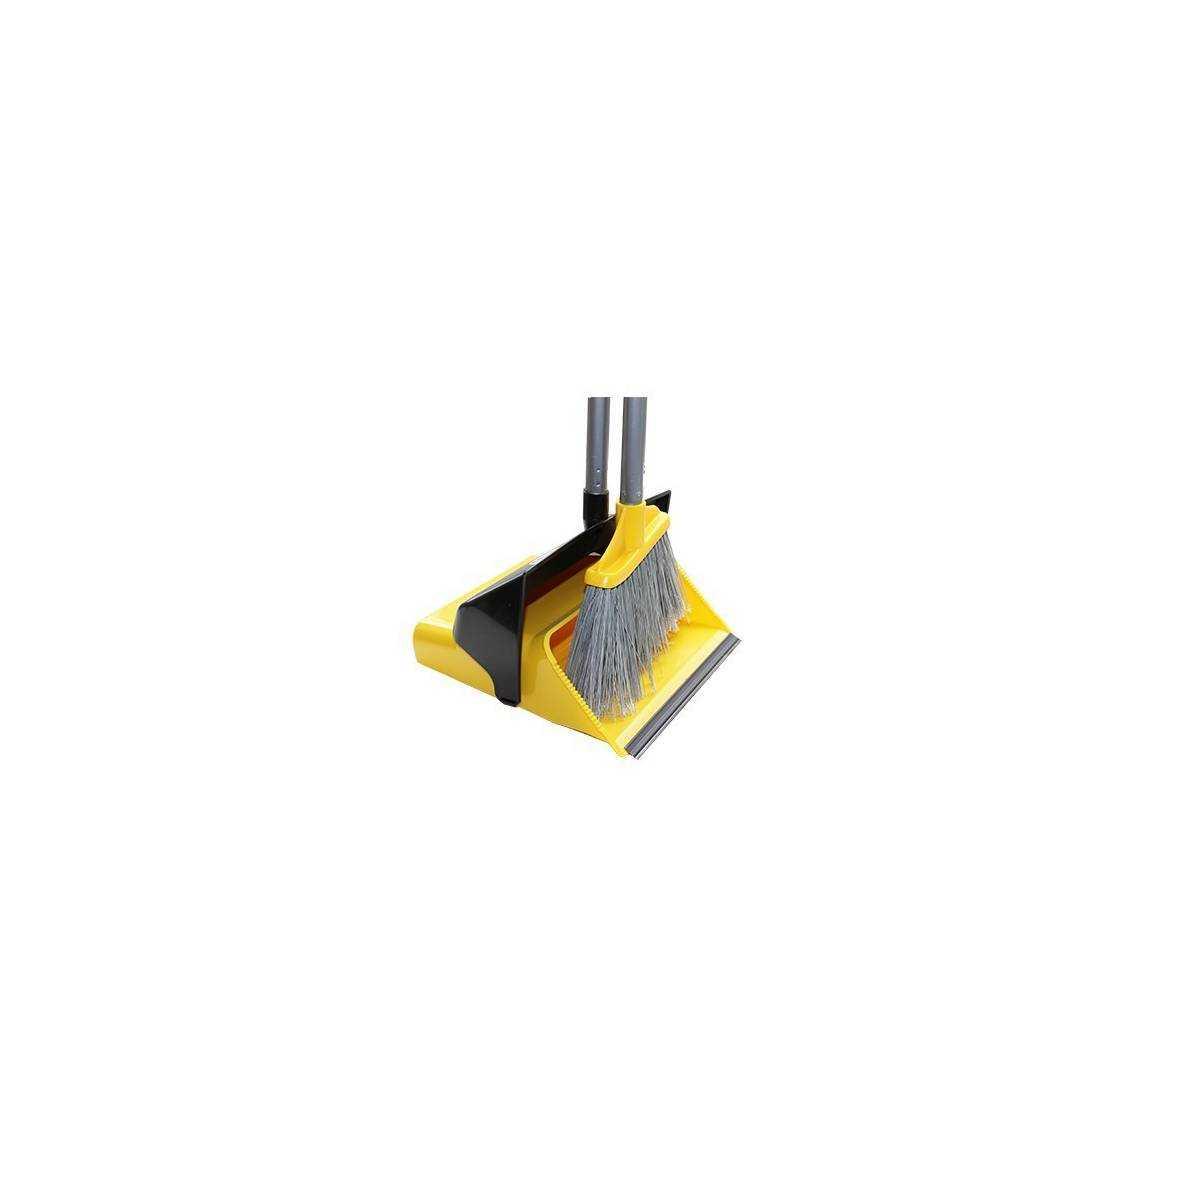 Набор для уборки совок+щетка DUSTER SET (Желтого цвета) 12.00825.0006.03.071 APEX - Fratelli Re SpA